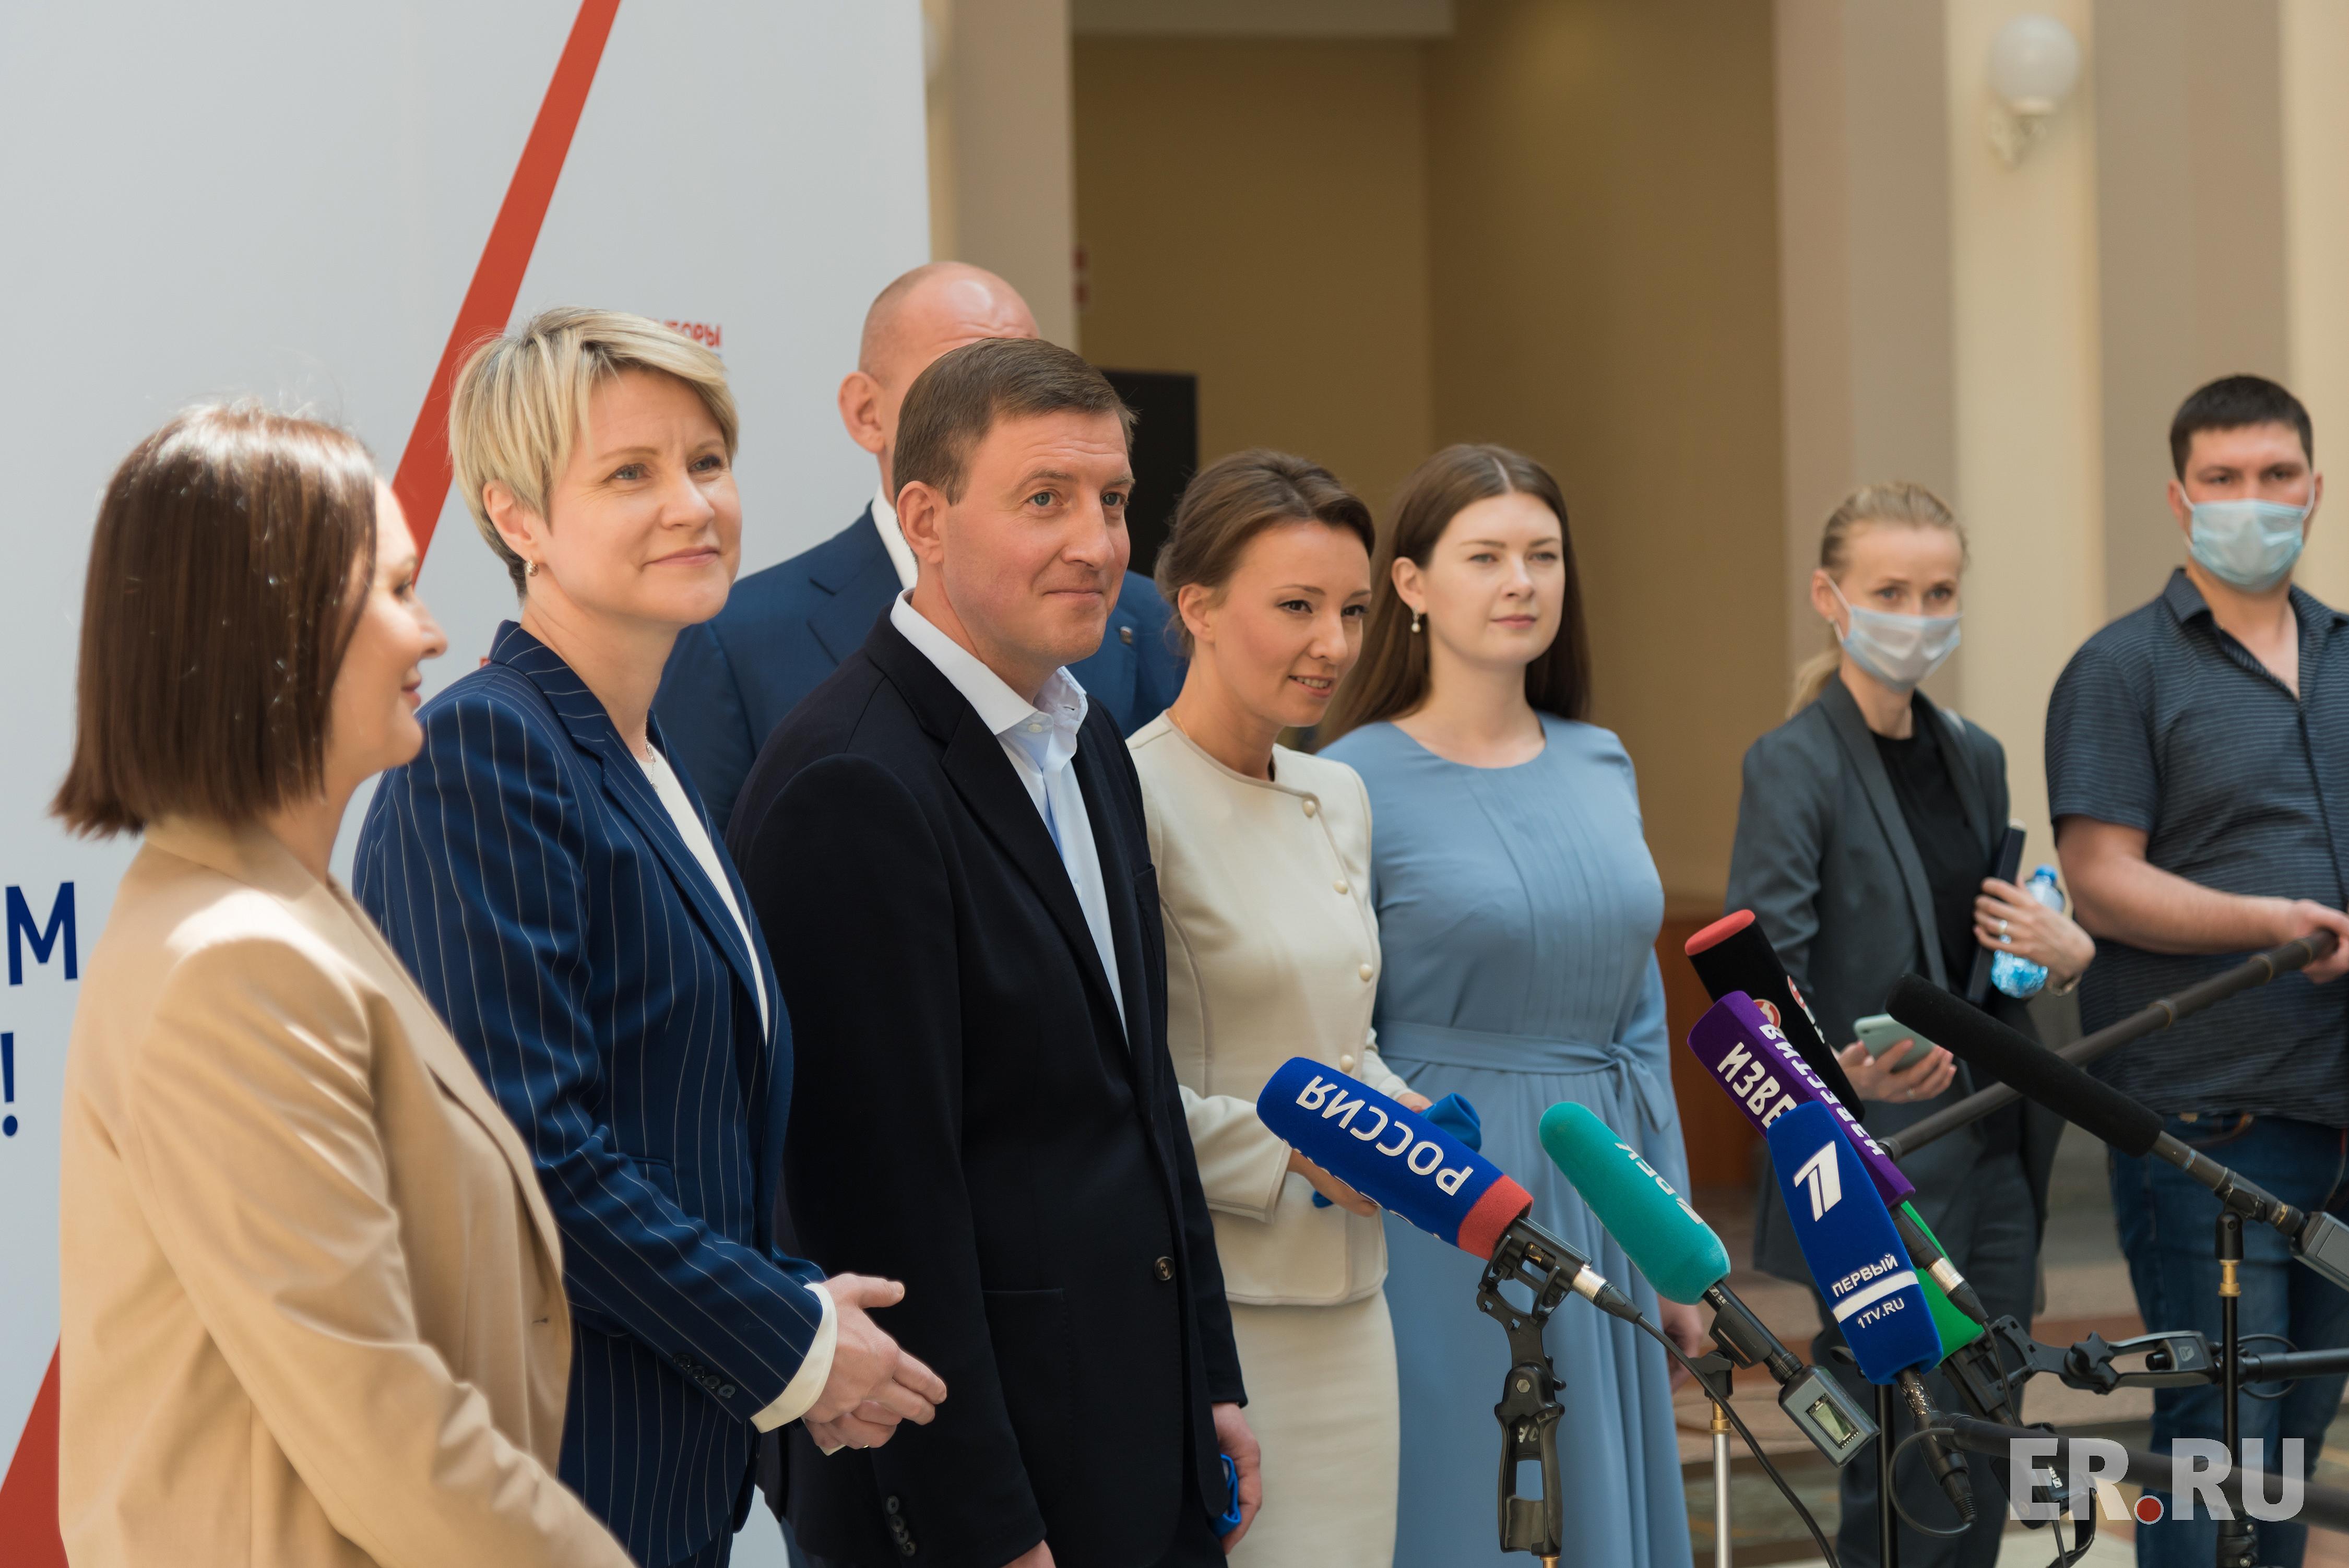 «Единая Россия» подала в Центризбирком документы о выдвижении кандидатов на выборы в Госдуму